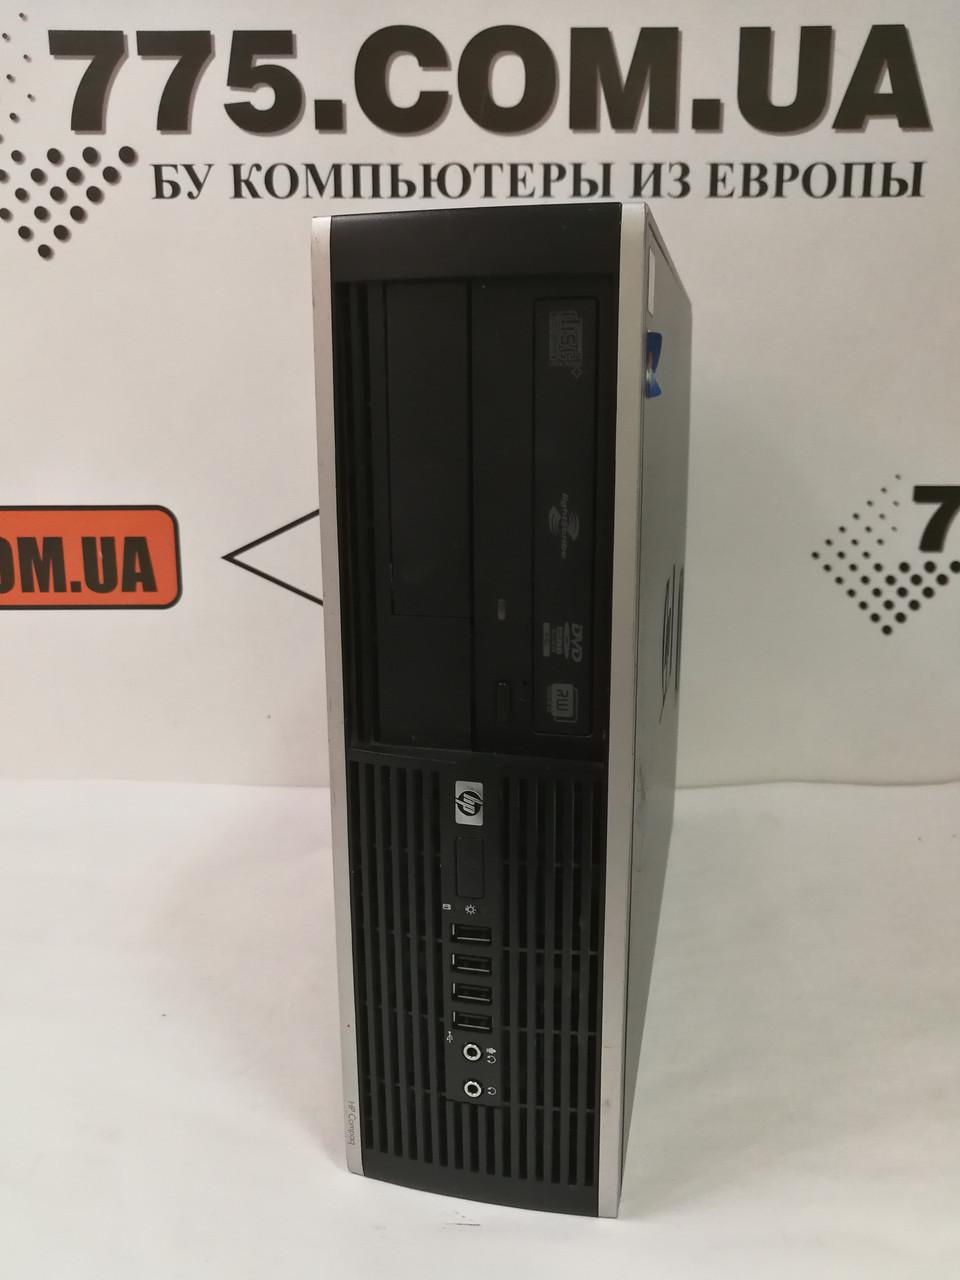 Компьютер HP 6005 DT, AMD Athlon II x2 3.0GHz, RAM 4ГБ, HDD 250ГБ